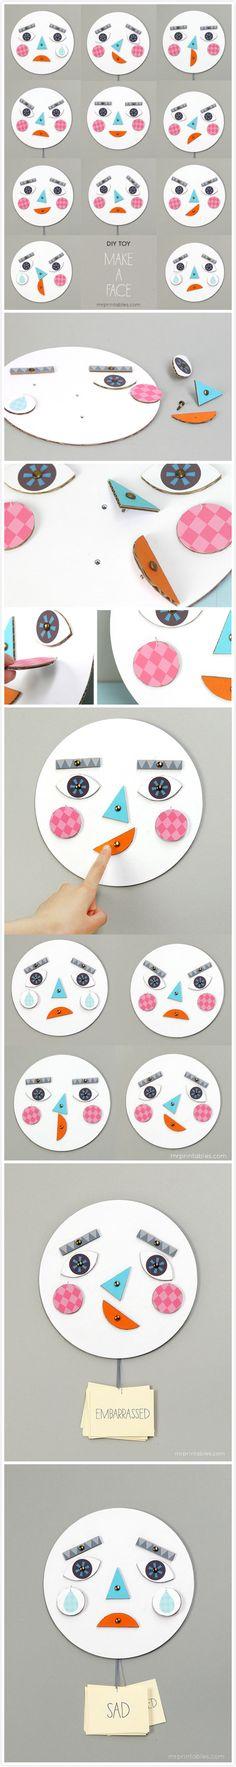 跟孩子一起玩:做脸谱来学表情! 公众号:家庭手工乐园